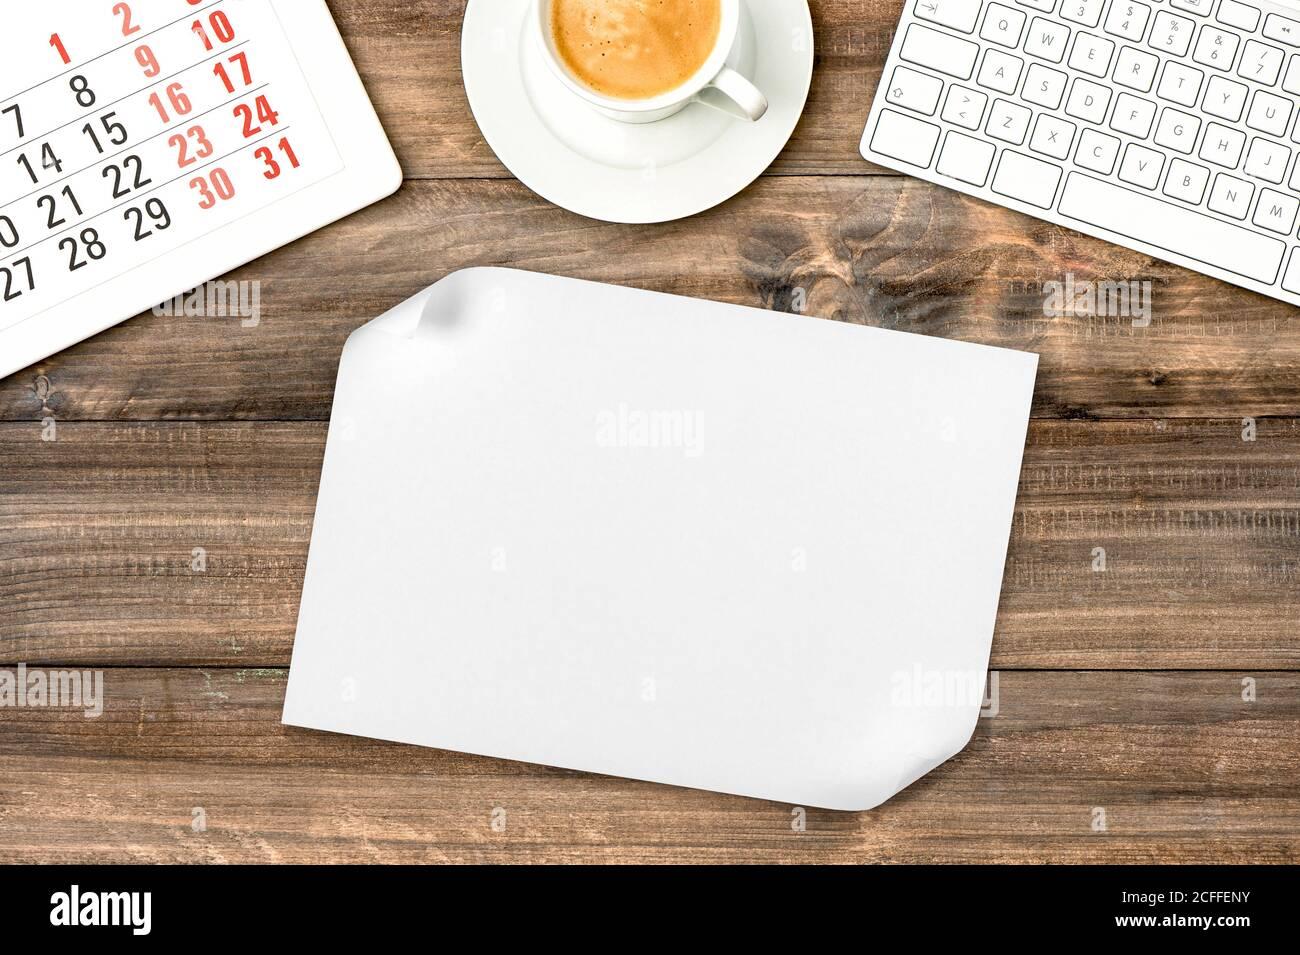 Feuille de papier blanc sur fond en bois. Bureau avec café Banque D'Images